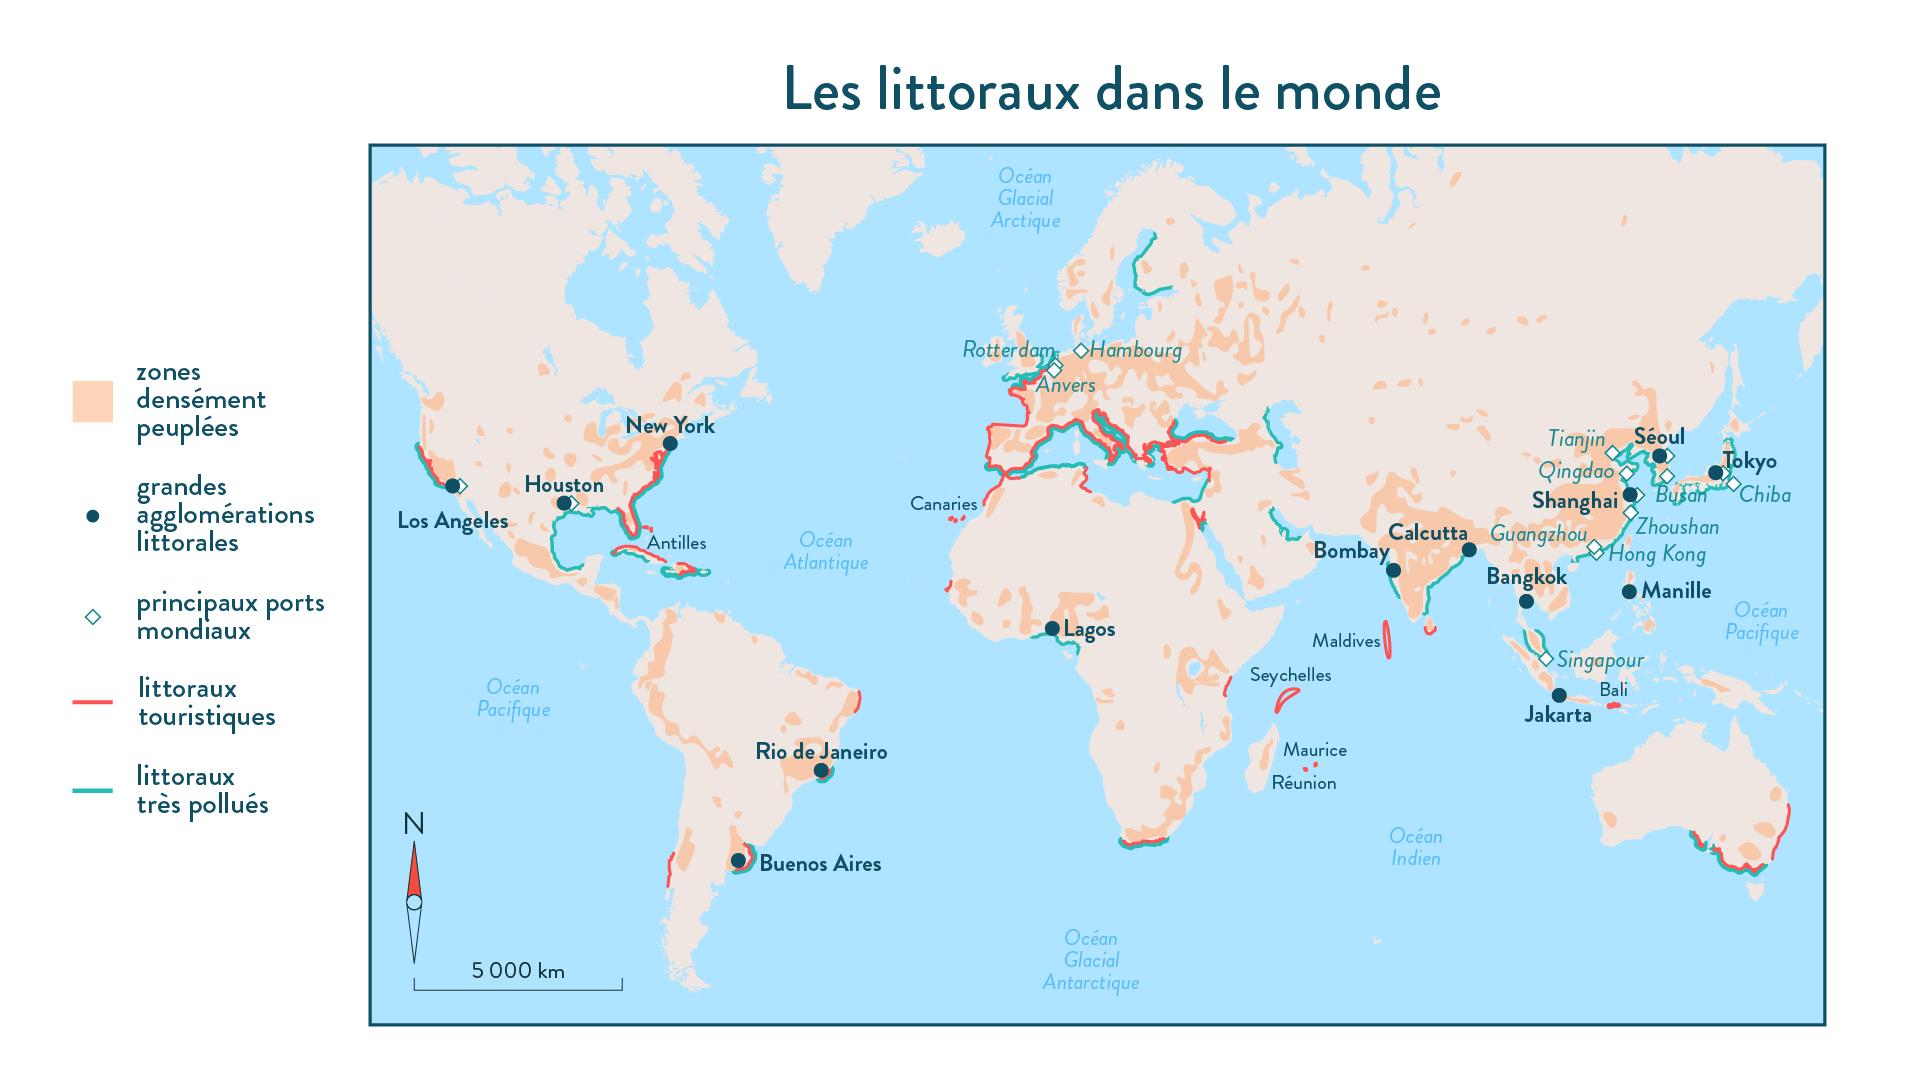 Carte Bali Dans Le Monde.Carte Les Littoraux Dans Le Monde Schoolmouv